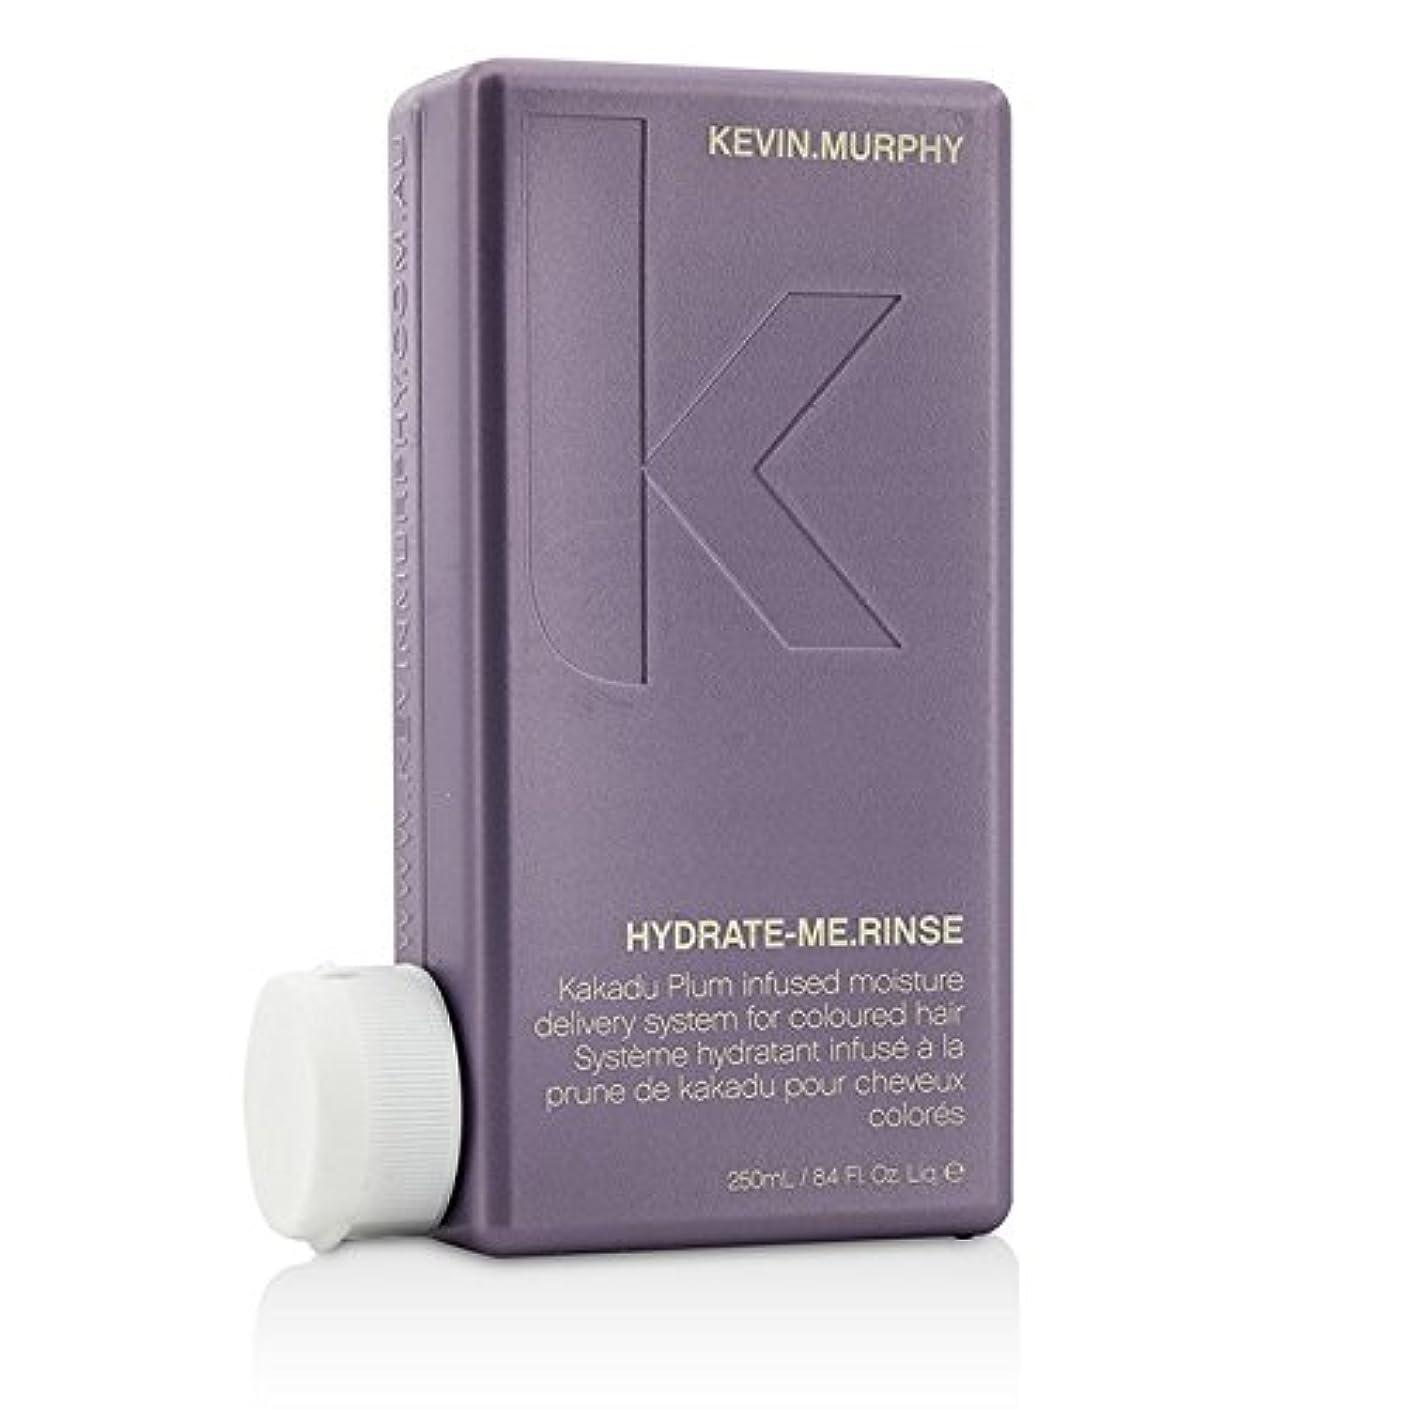 車自己ボトルケヴィン マーフィー Hydrate-Me.Rinse (Kakadu Plum Infused Moisture Delivery System - For Coloured Hair) 250ml/8.4oz並行輸入品